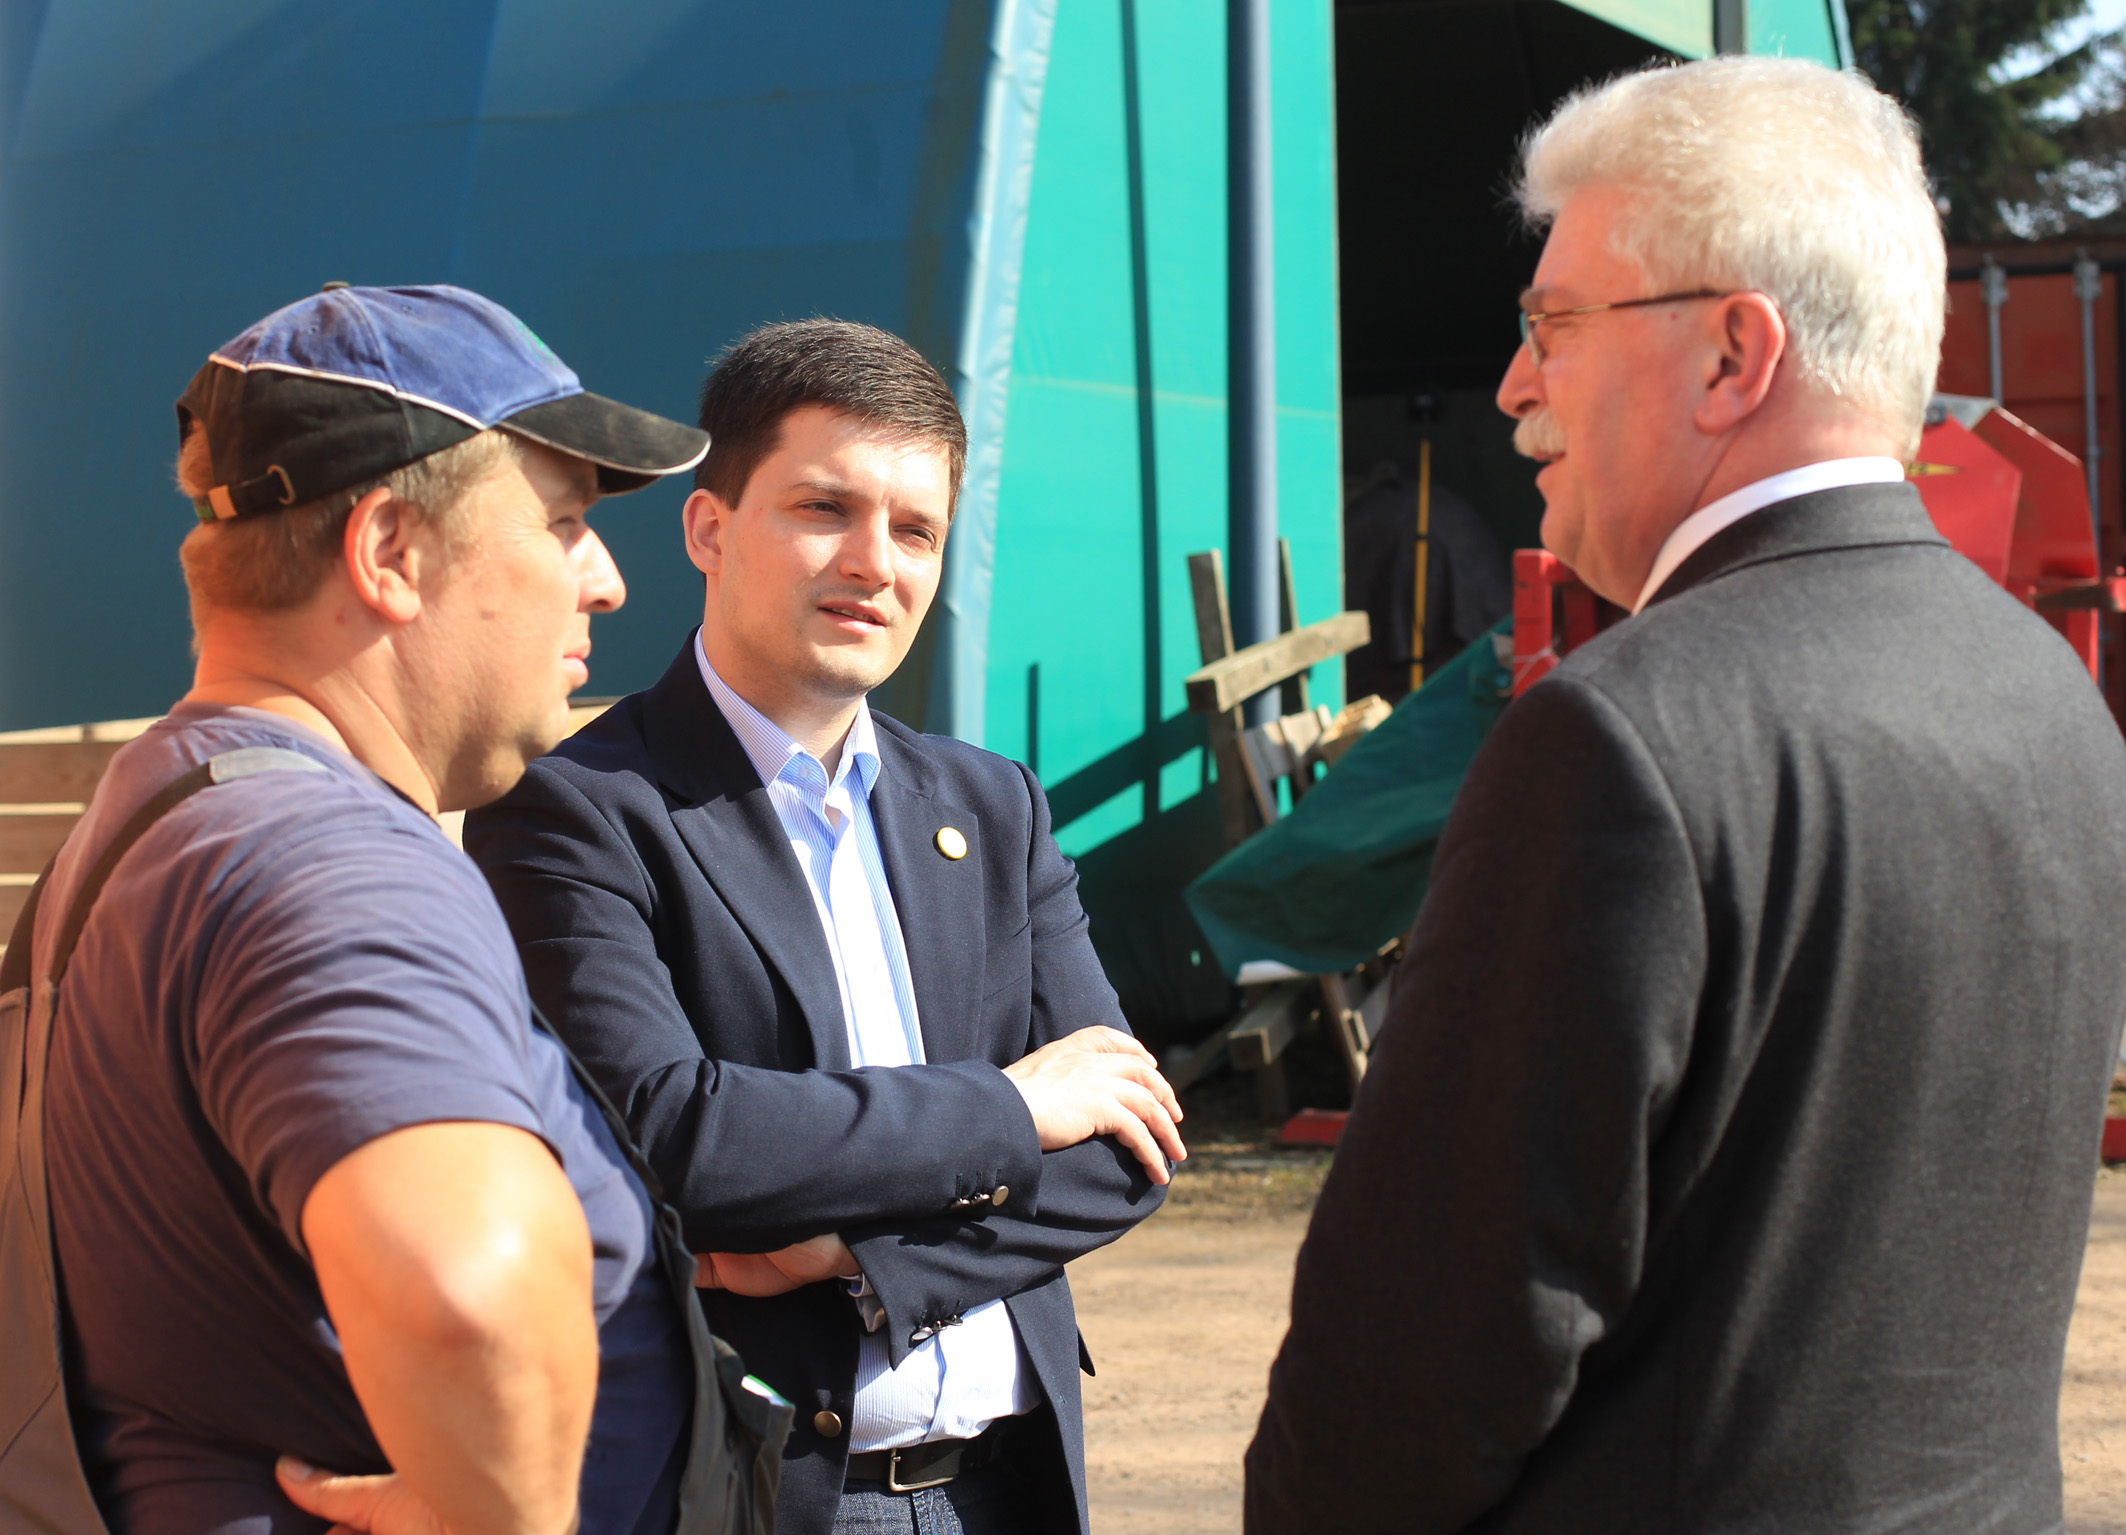 Der bayerische Wirtschaftsminister Martin Zeil und Sebastian Greiber am 16.03.2012 beim Bio-Bauern Comtesse in Wadgassen-Schaffhausen.